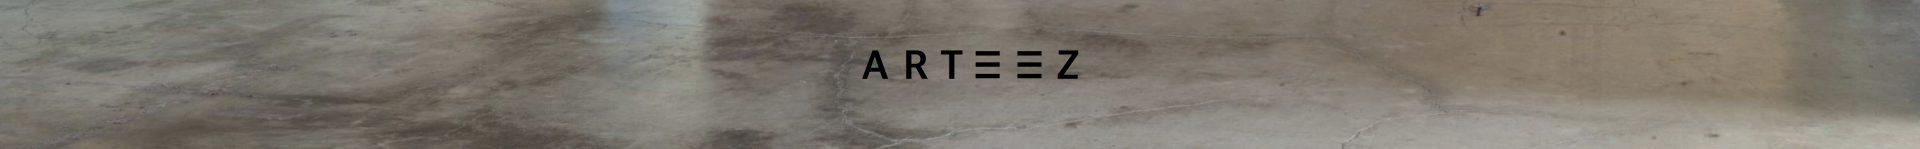 cropped-arteez_logo_marbre.jpg